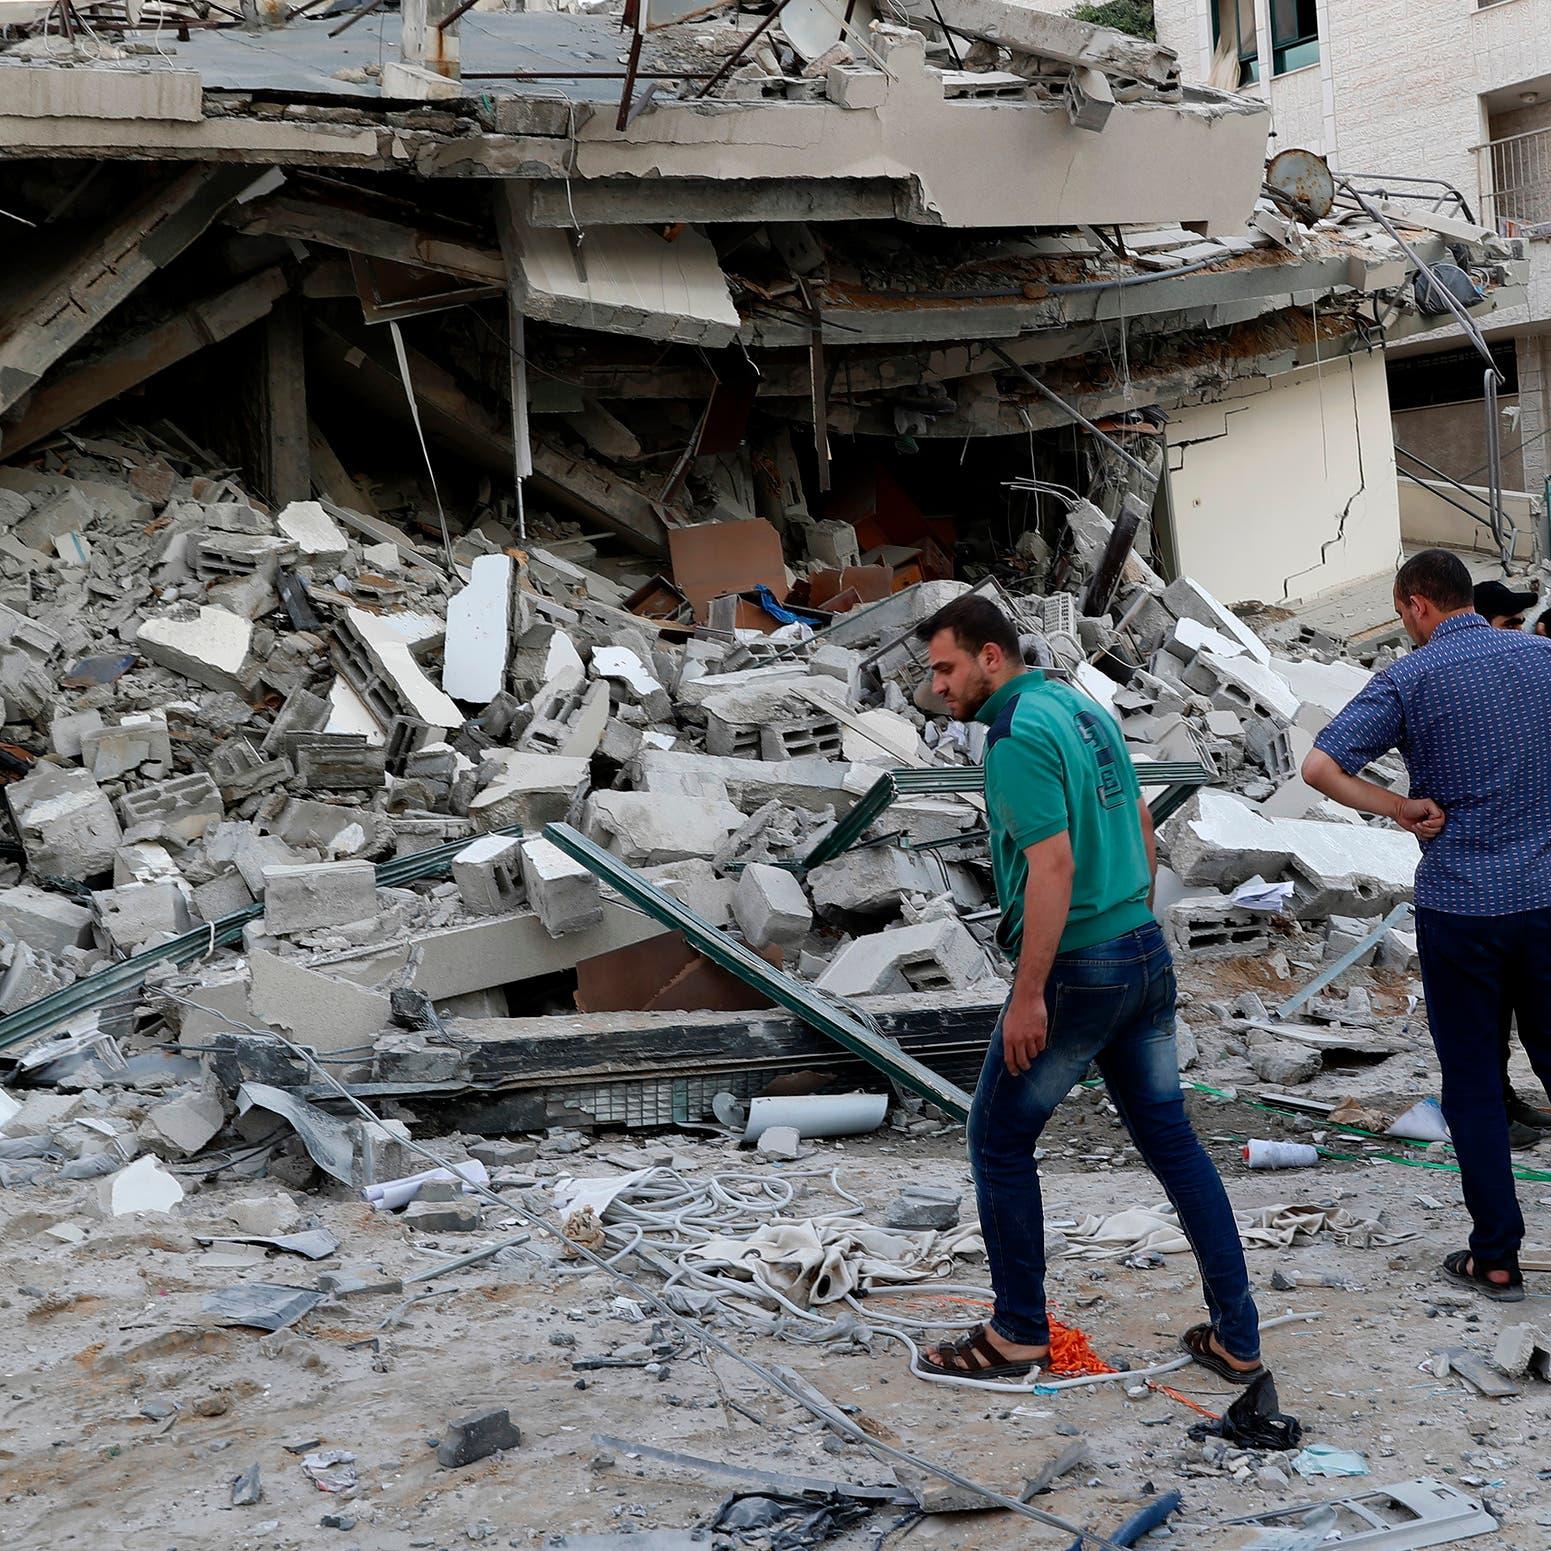 ضرب البنى التحتية بغزة.. وإسرائيل تتحدث عن 48 ساعة أخرى